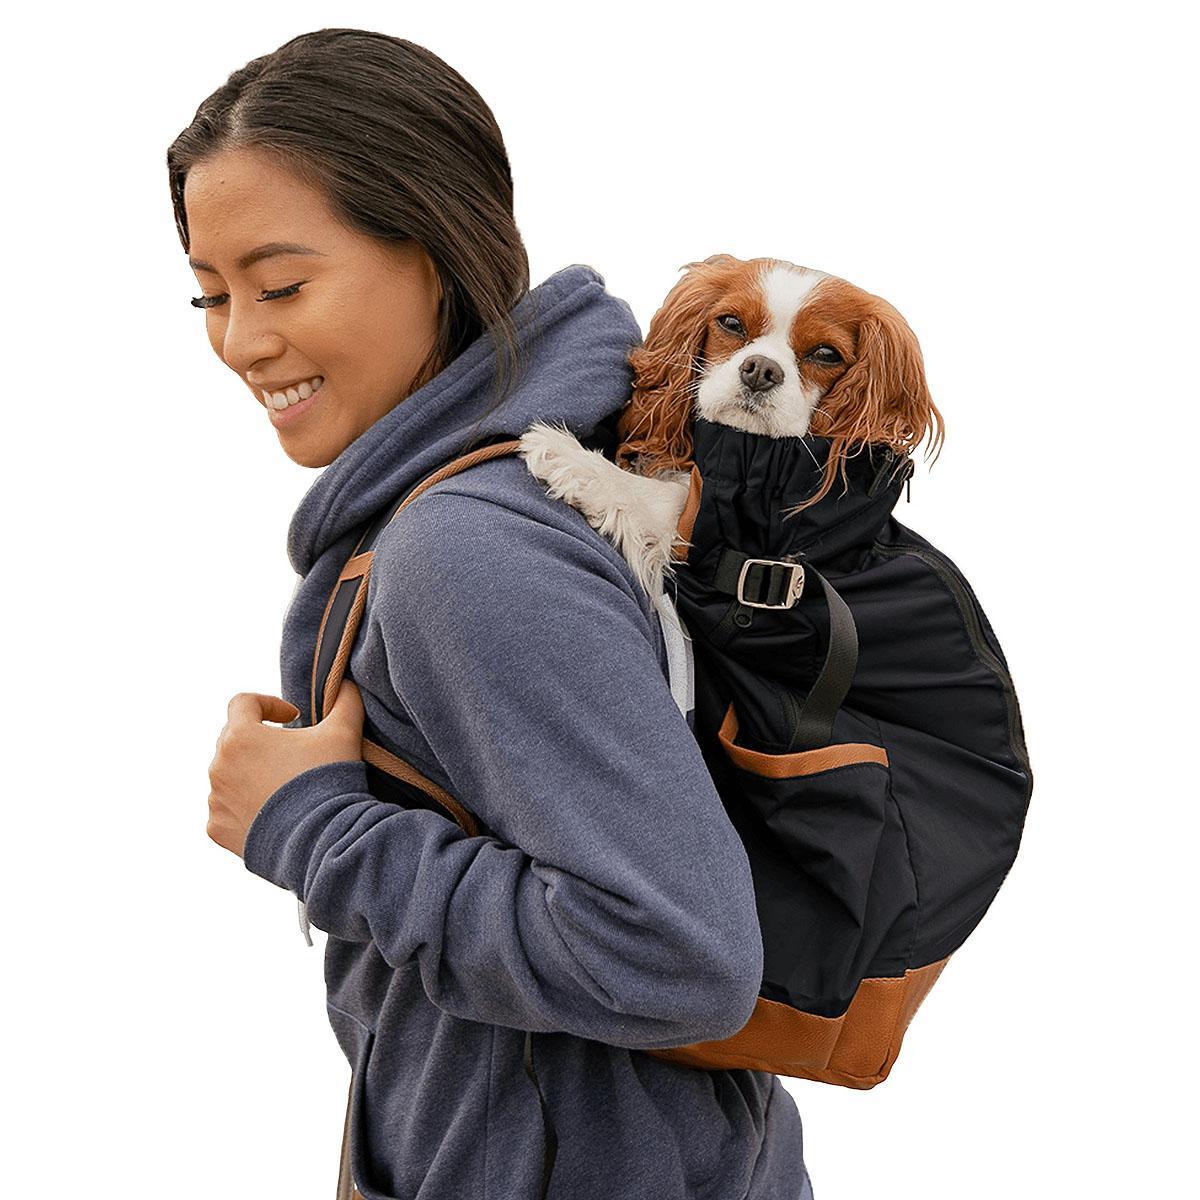 K9 Sport Sack Urban 2 Dog Backpack - Black